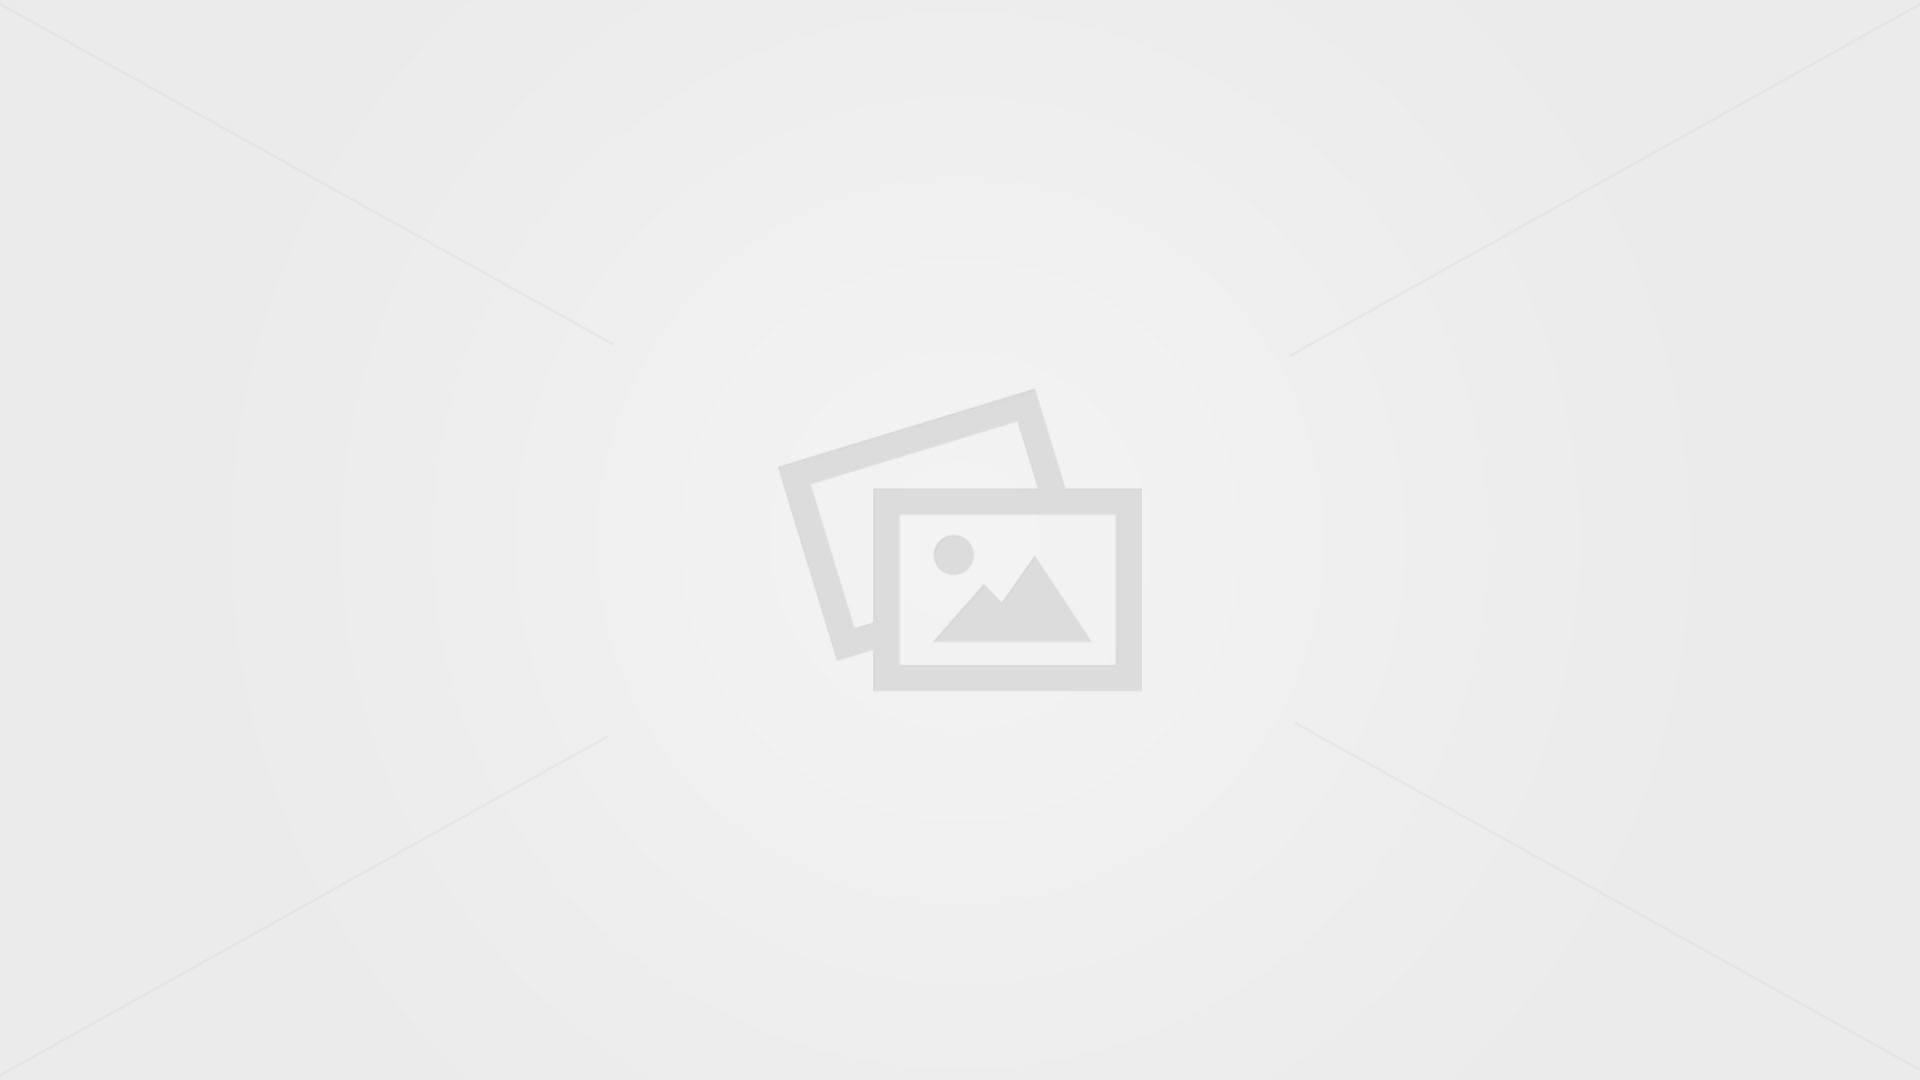 ۱۷ مورد ابهام در پروندهی نجفی